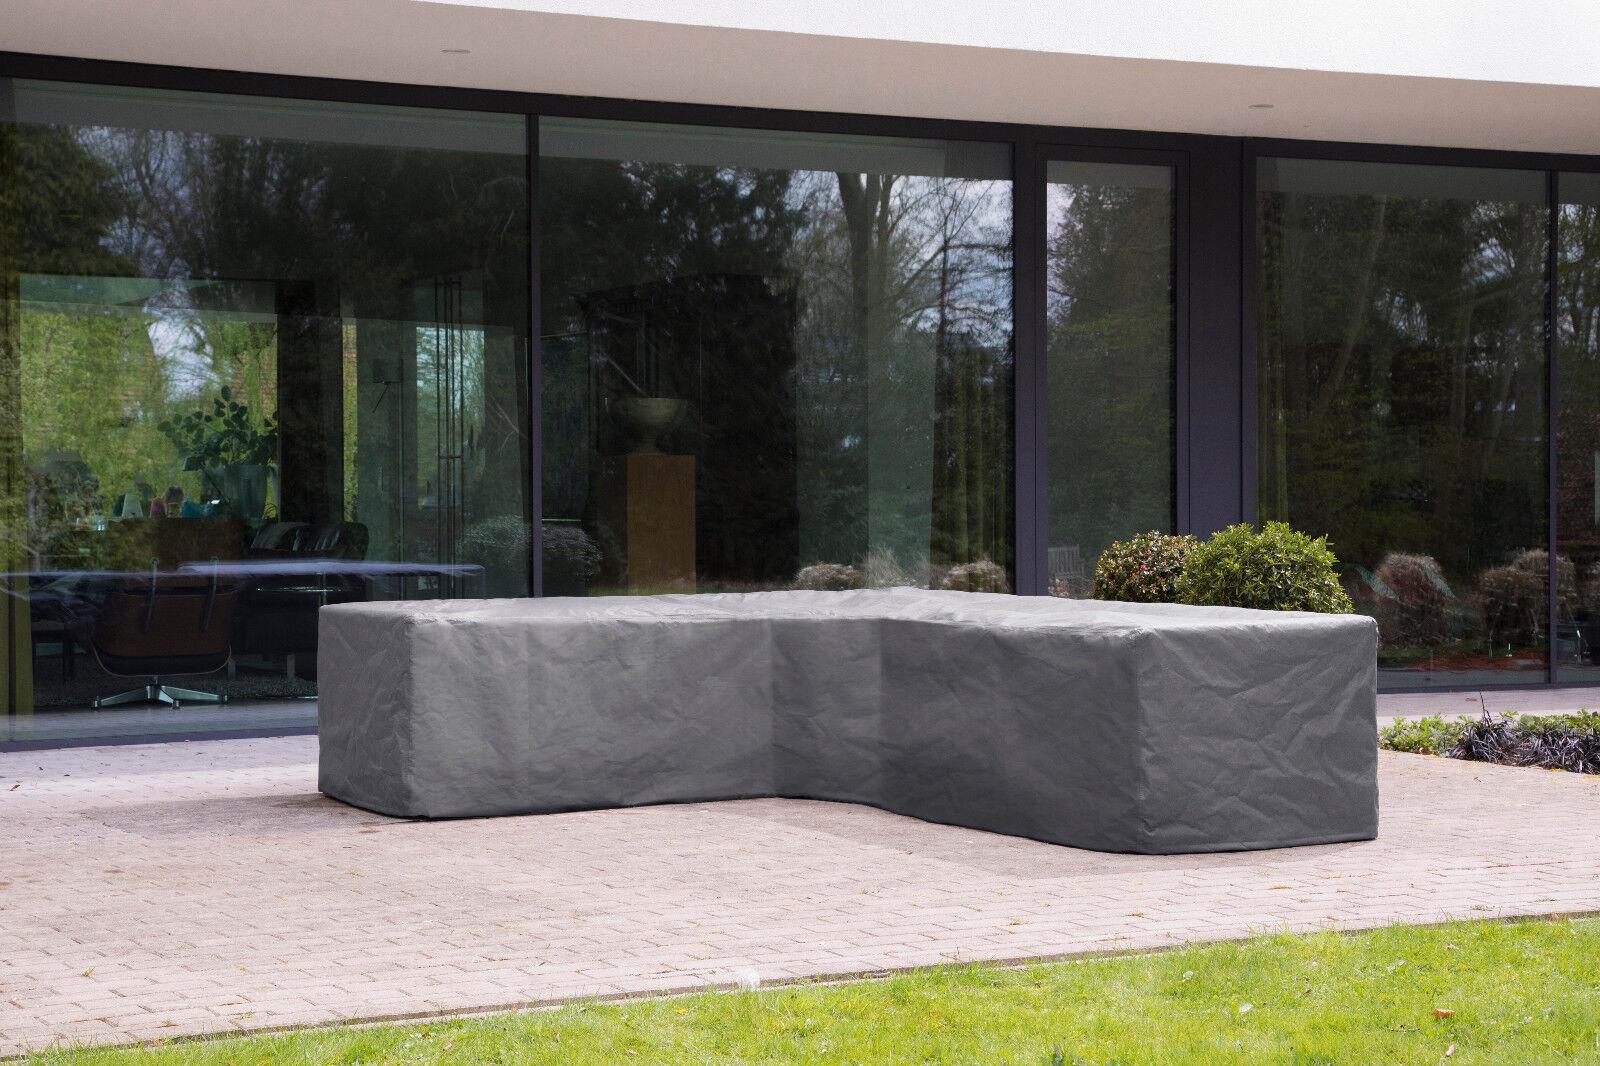 Premium Schutzhülle für Loungegruppen 275 100x275 100x70cm     | Günstigstes